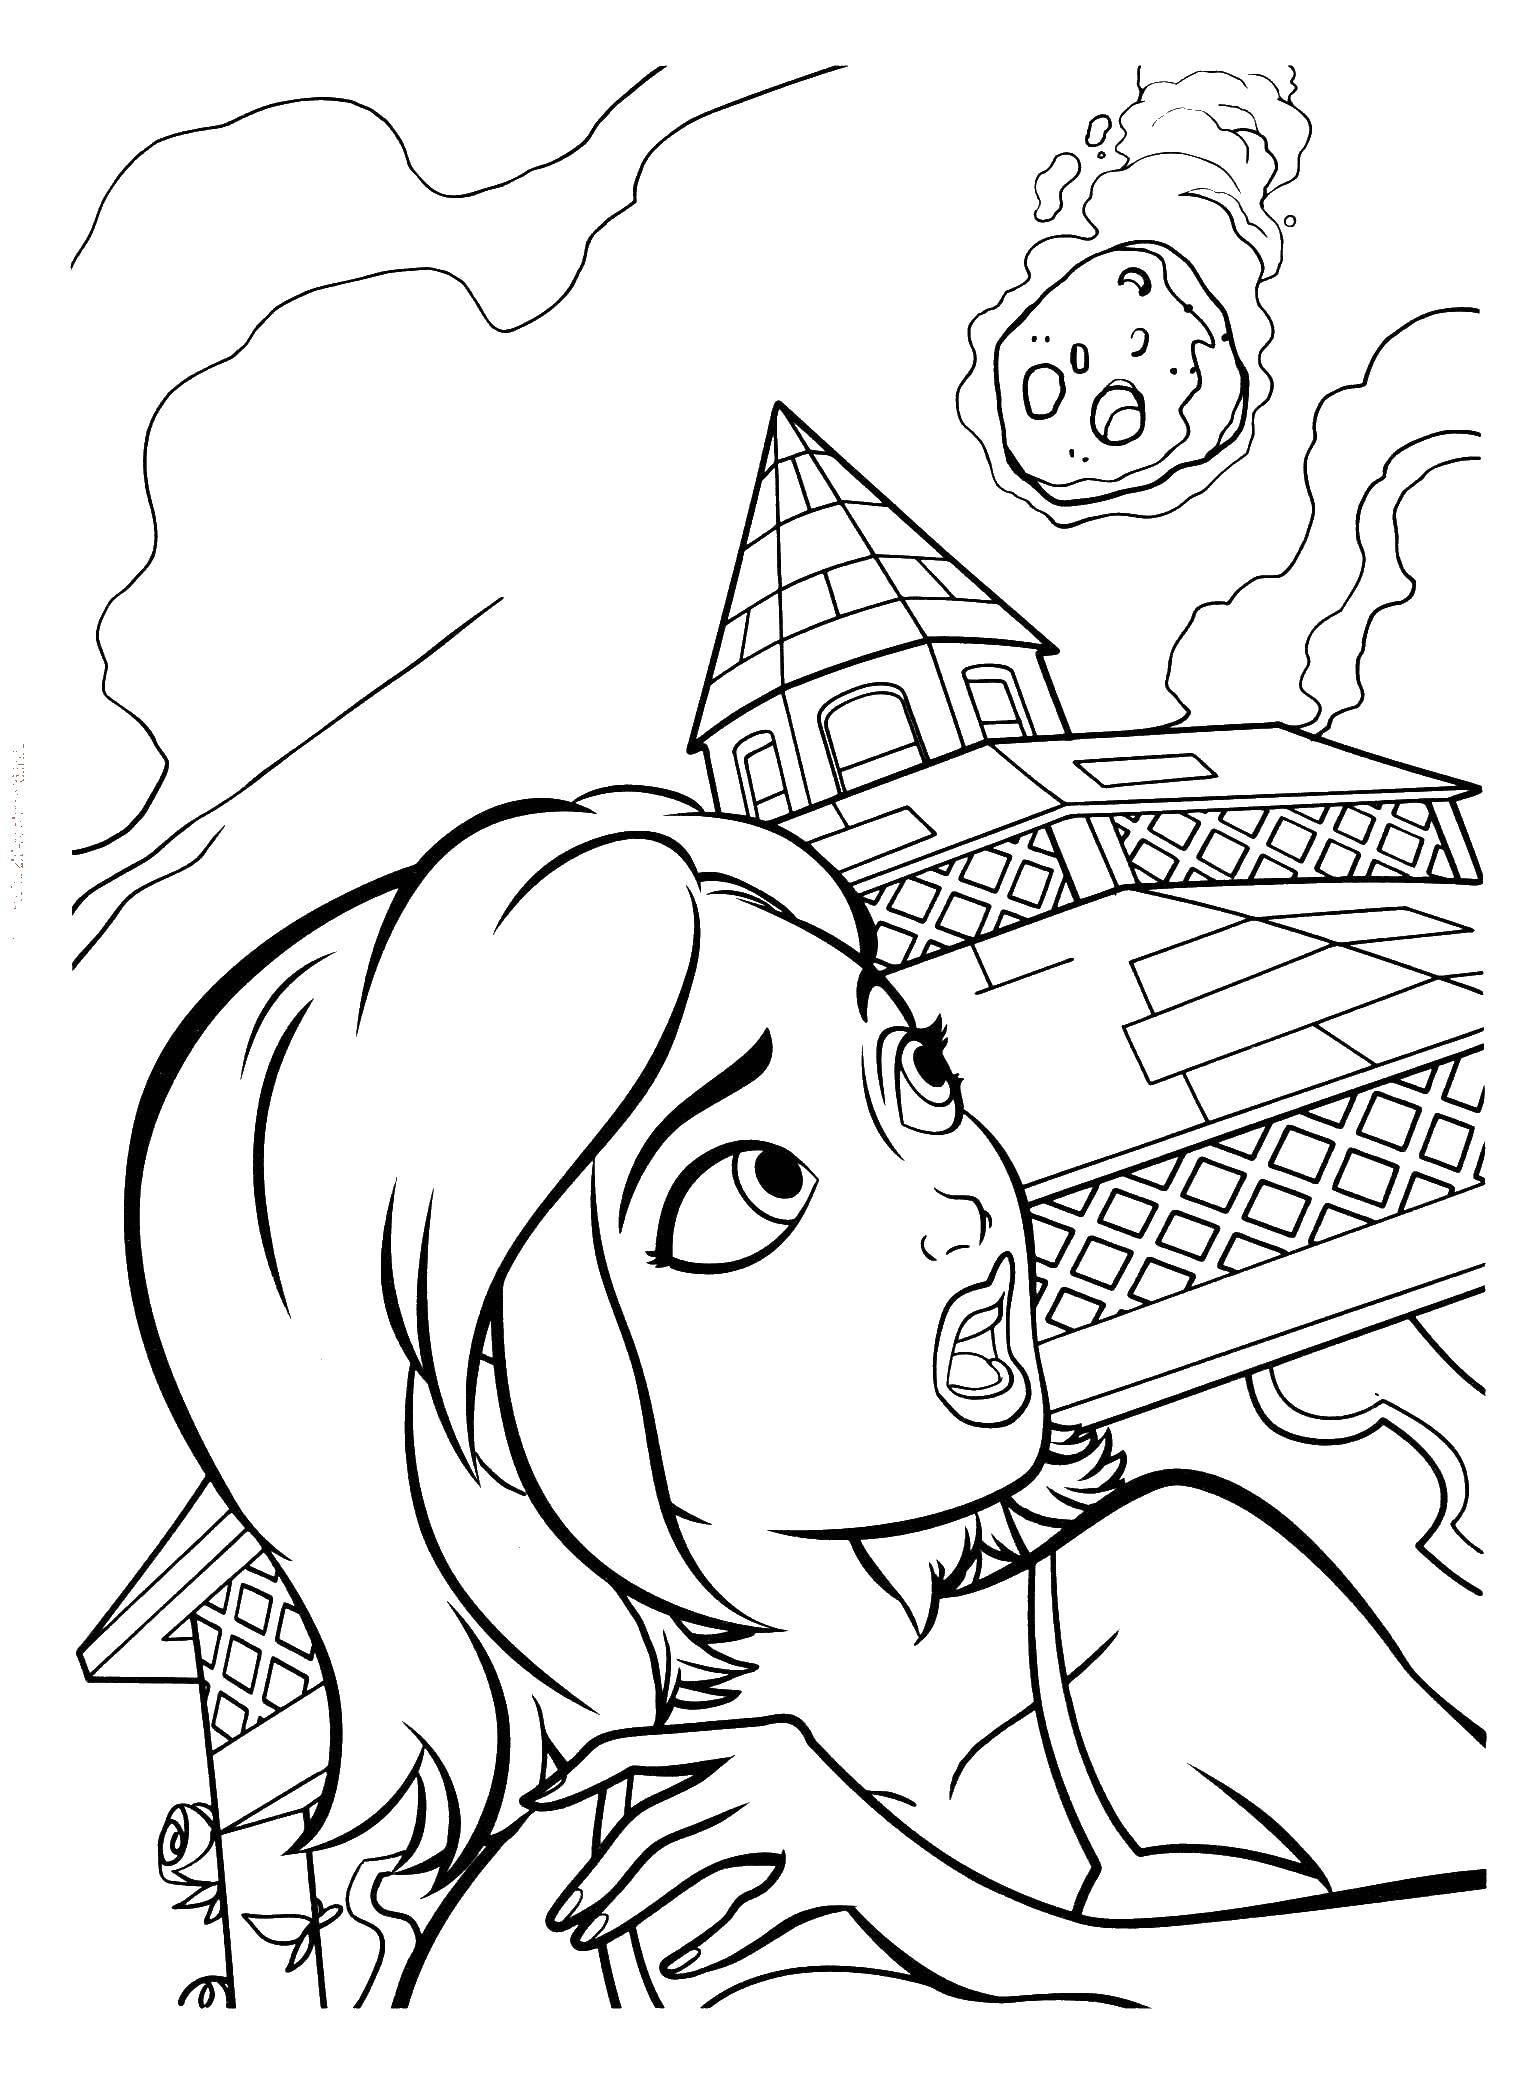 Раскраска Сюзан Скачать Монстры, Пришельцы, Сюзан.  Распечатать ,Монстры против Пришельцев,